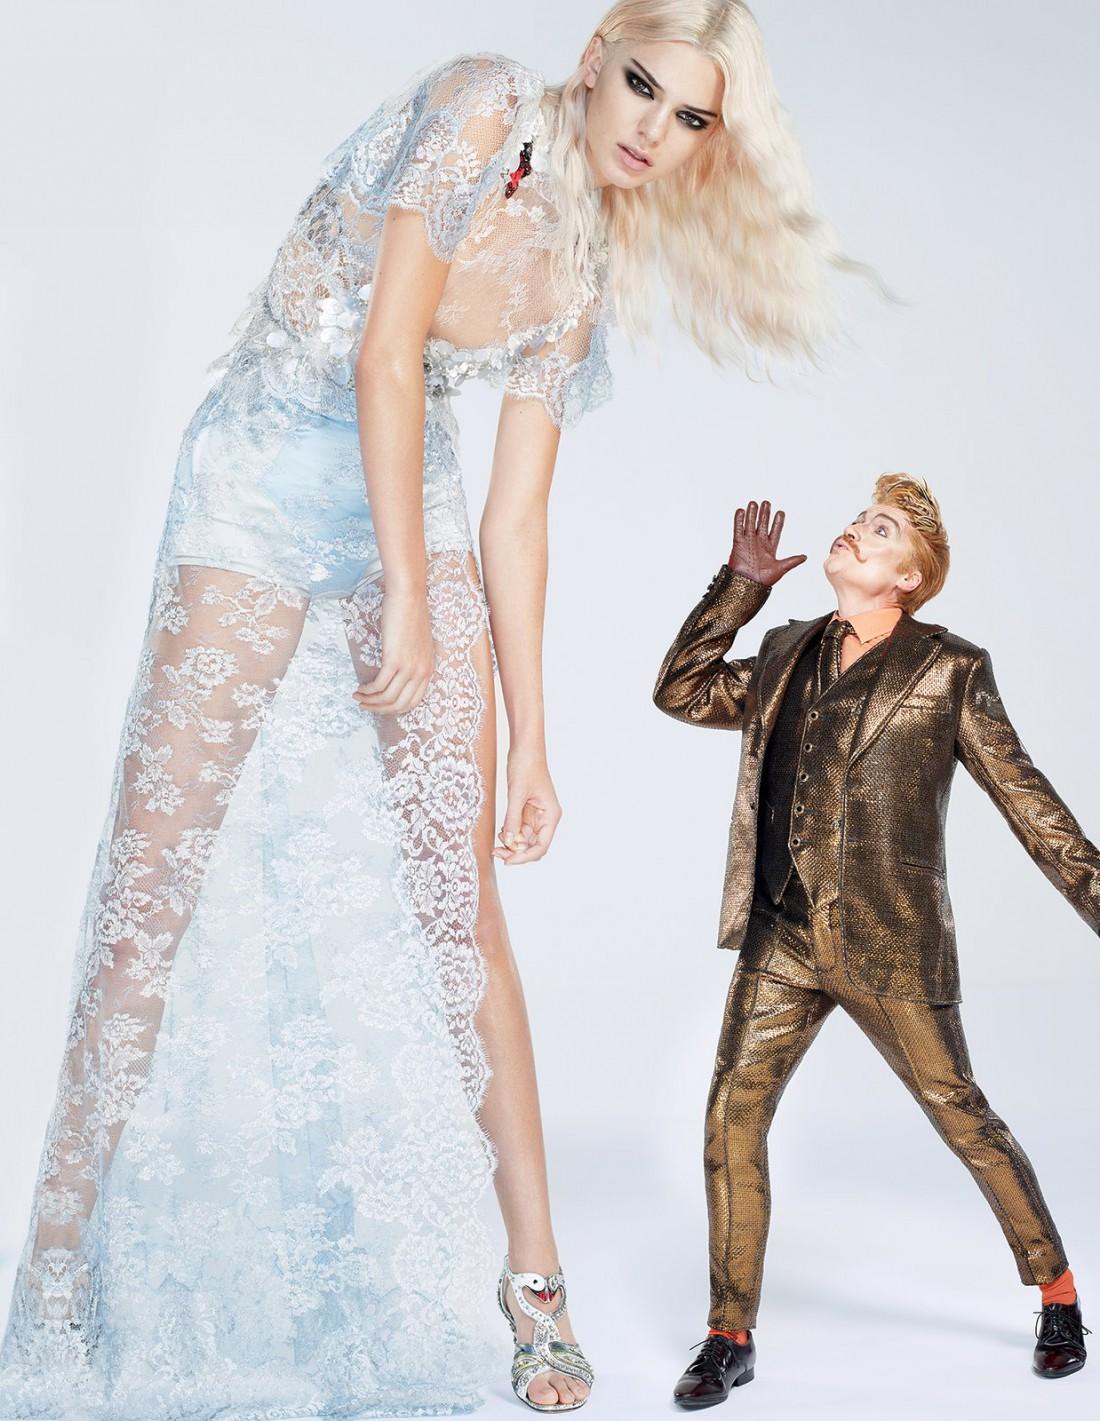 Кендалл Дженнер примерила образ Алисы в стране чудес